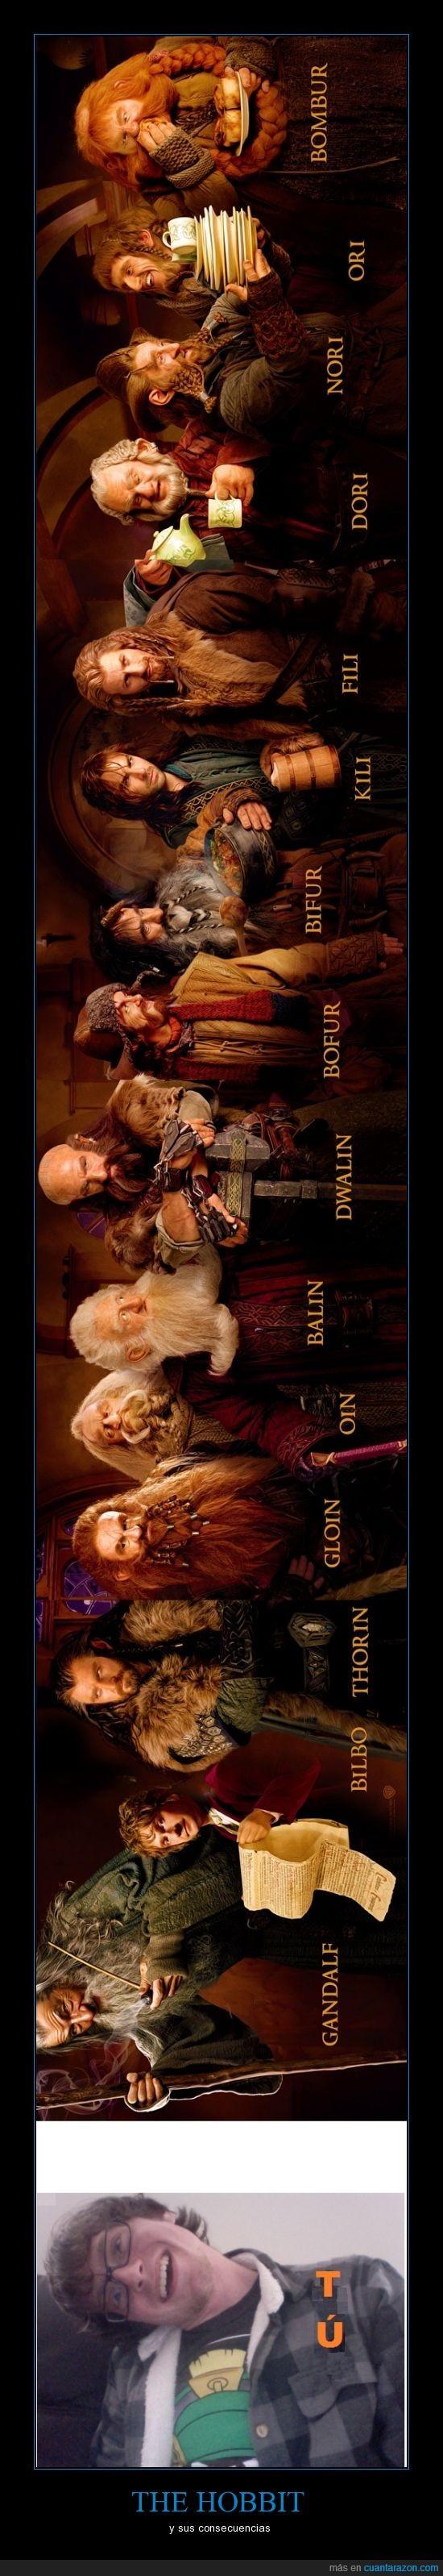 Bilbo,conseguencias,fili.others,Gandalf,girar,lado,mirar,palo,The Hobbit,Thorin